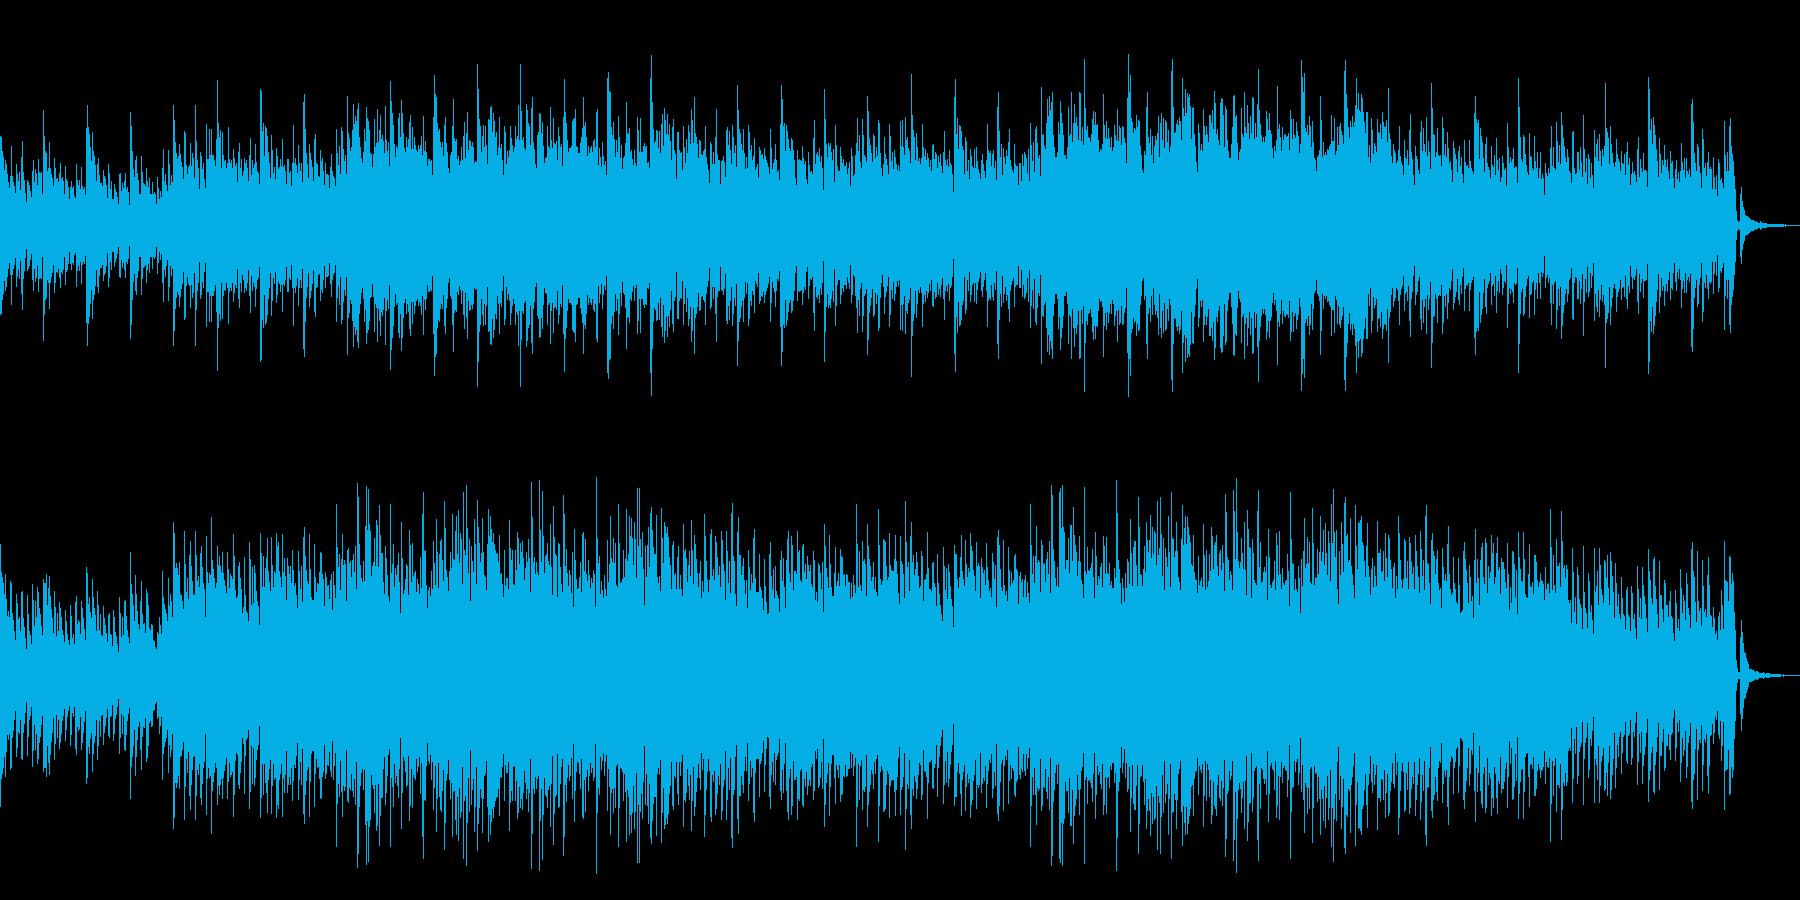 穏やかで少し感動的なピアノ&ストリングスの再生済みの波形